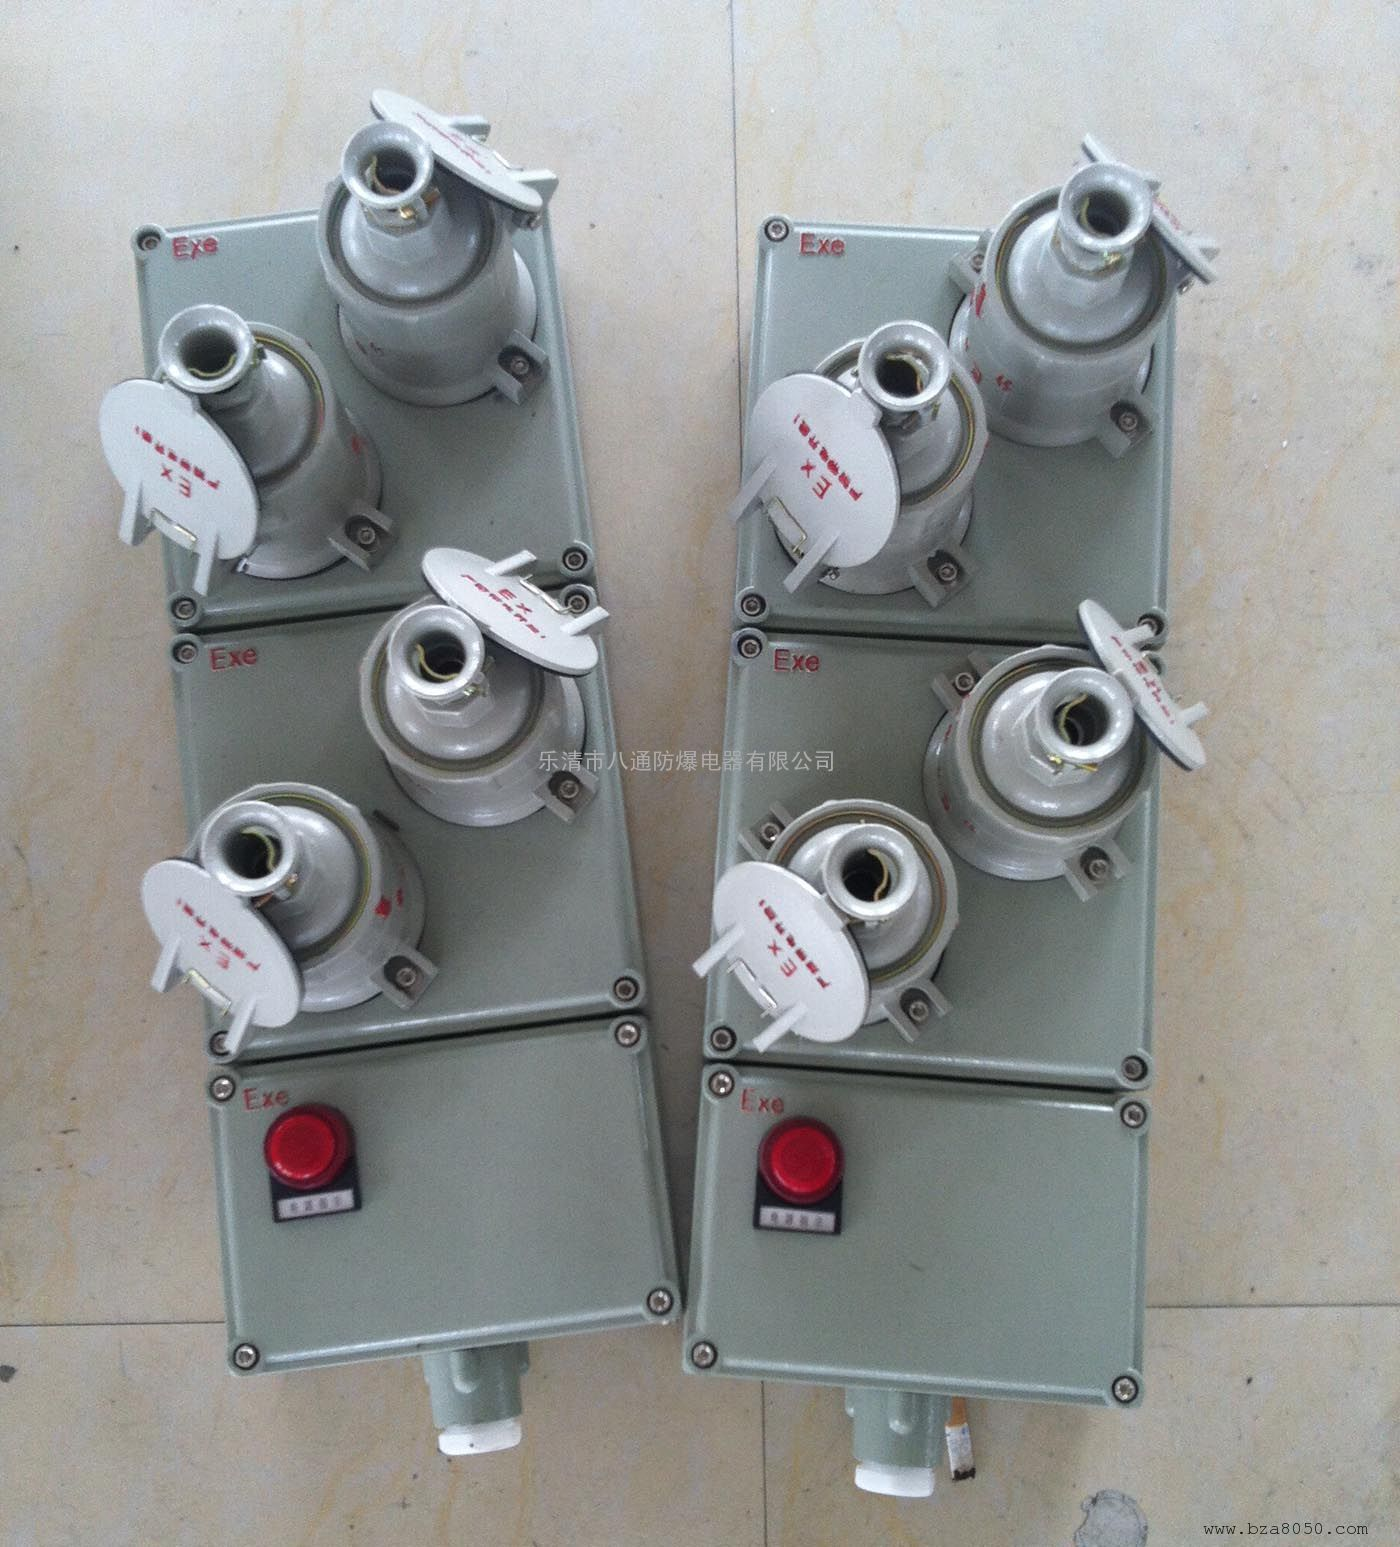 防爆照明动力检修电源插座箱